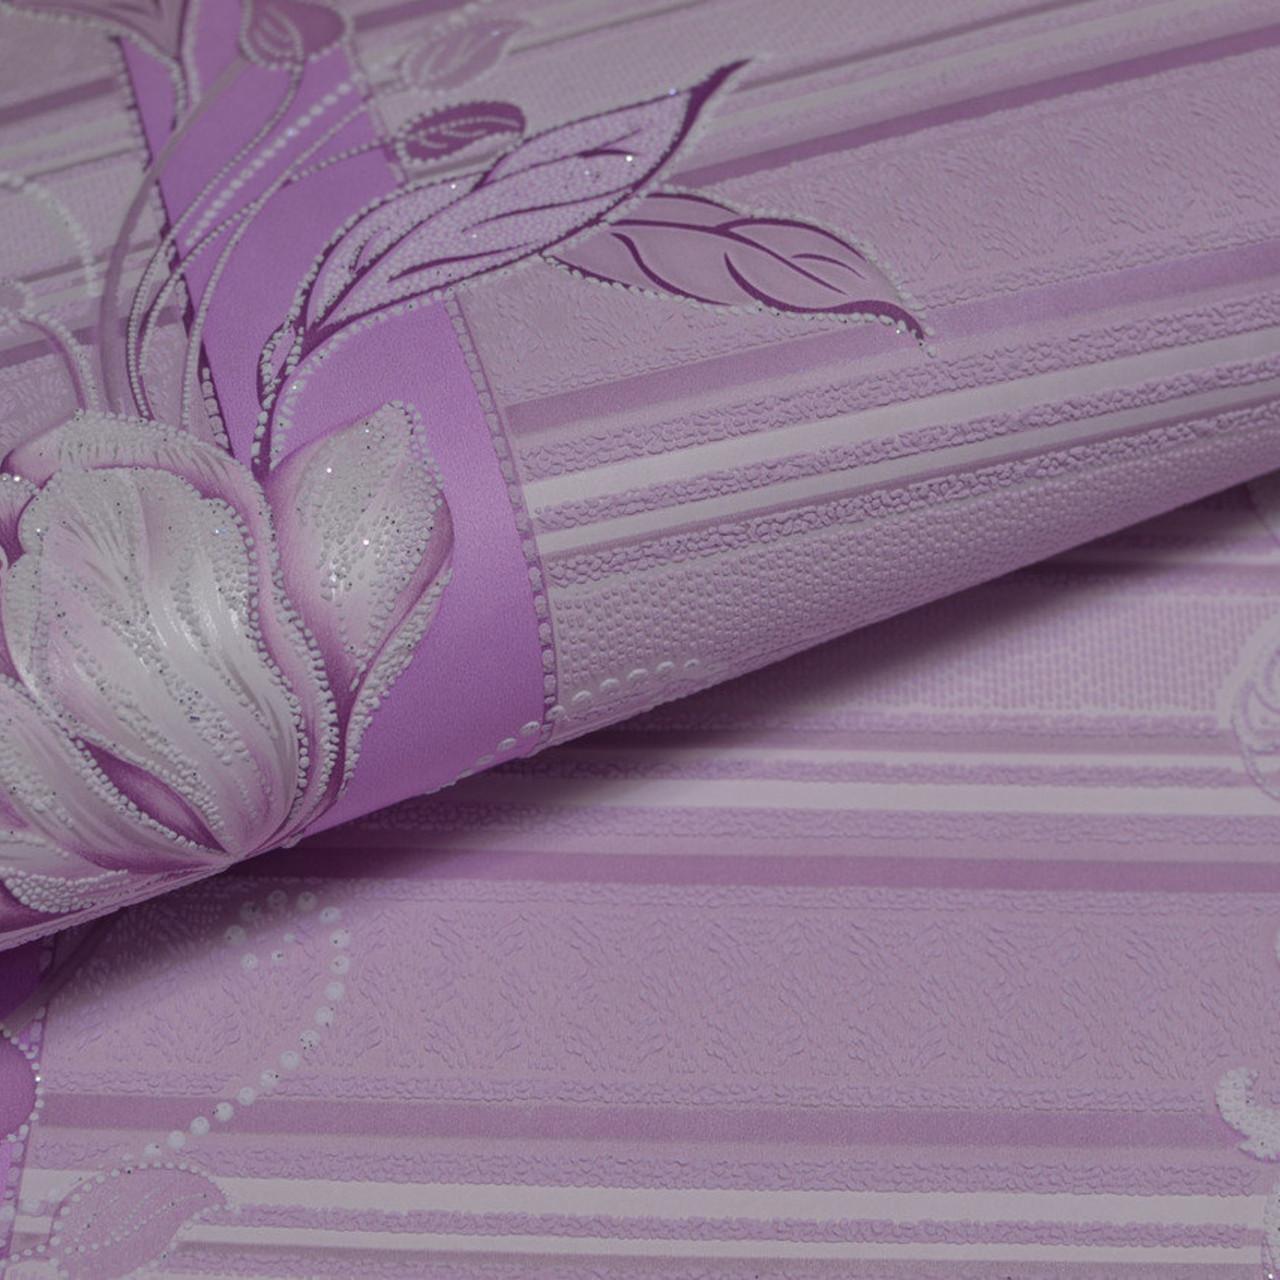 Обои, обои на стену, цветы, розовый, акриловые на бумажной основе, B76,4 Марго 7019-06, 0,53х10м